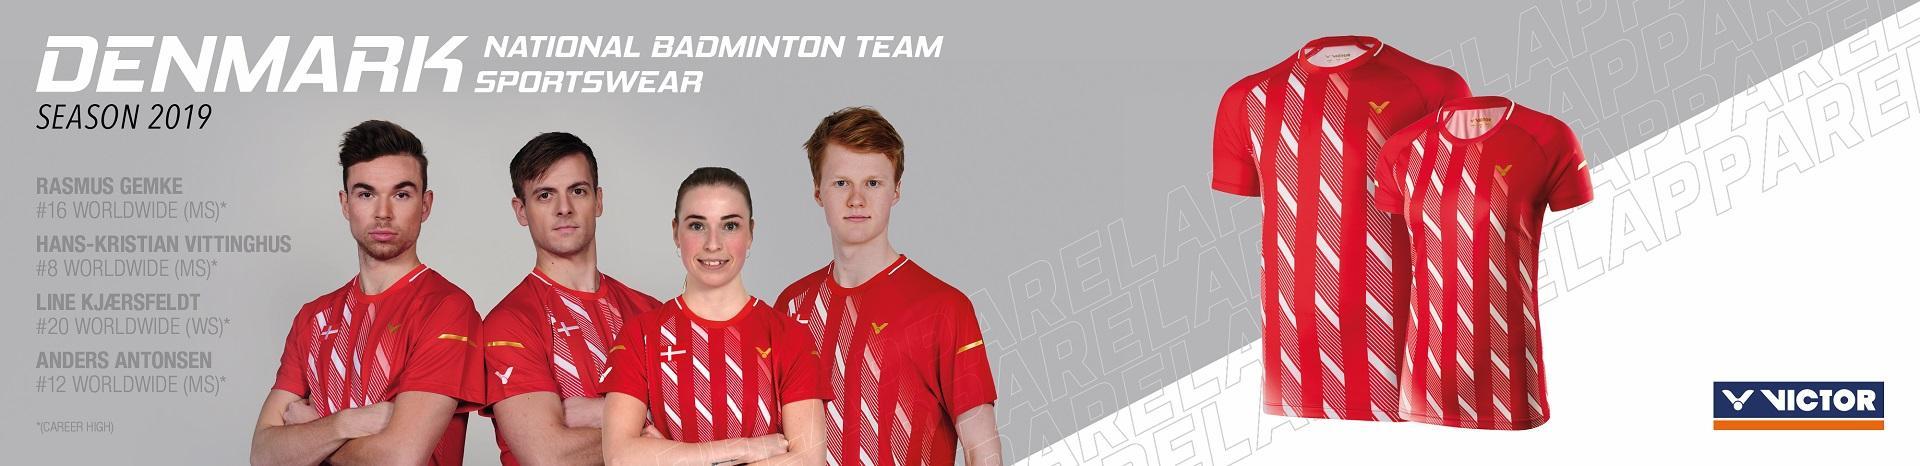 VICTOR Team DK 2019